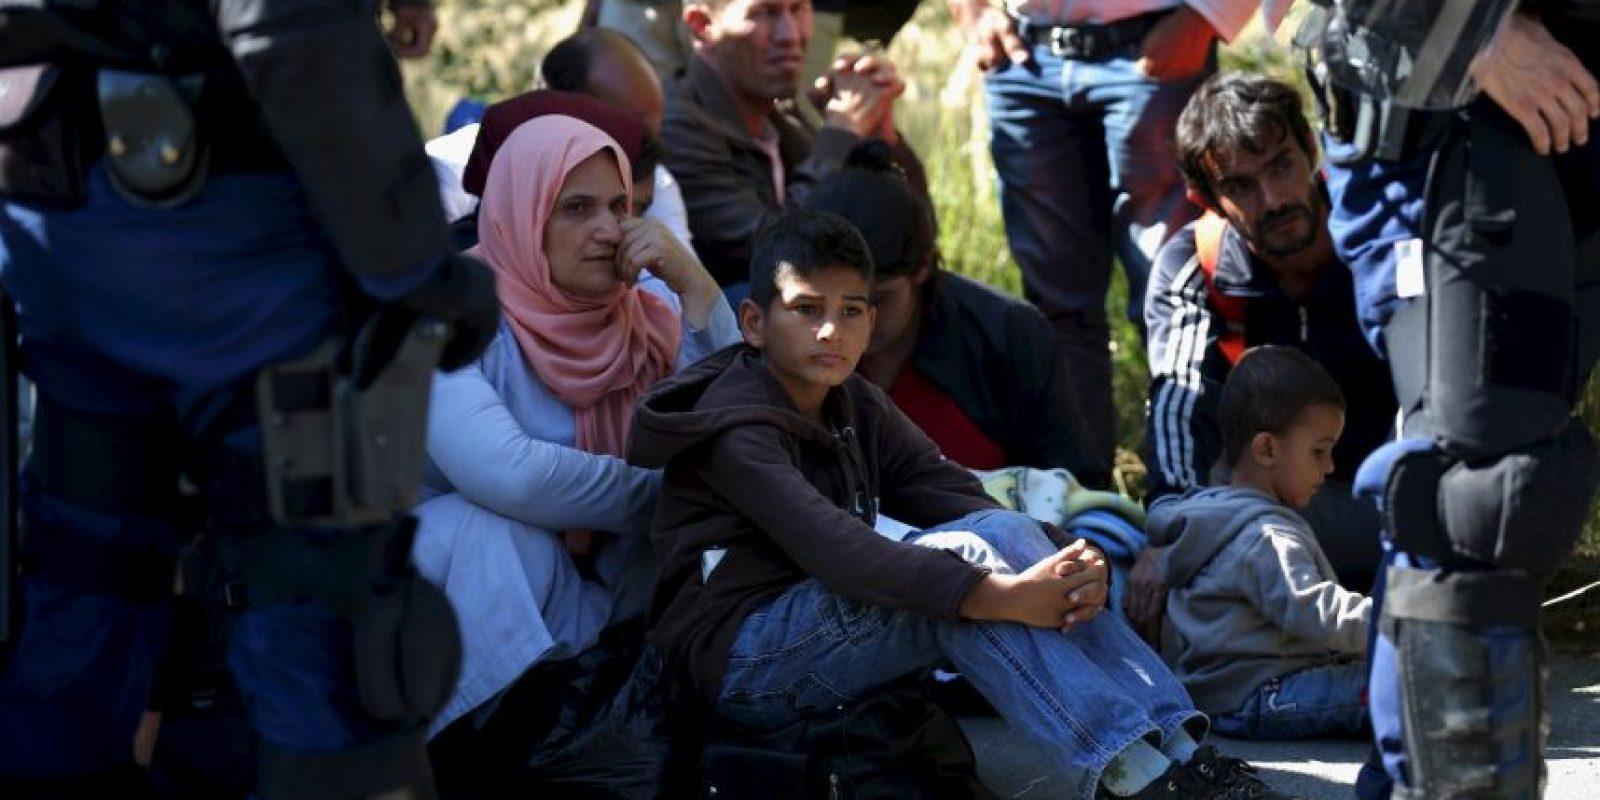 """Tanto los gobiernos europeos como los ciudadanos coinciden en la crisis de migración de estos momentos es una de las peores que han azotado al """"Viejo continnte"""" en los últimos años. Foto:Getty Images"""